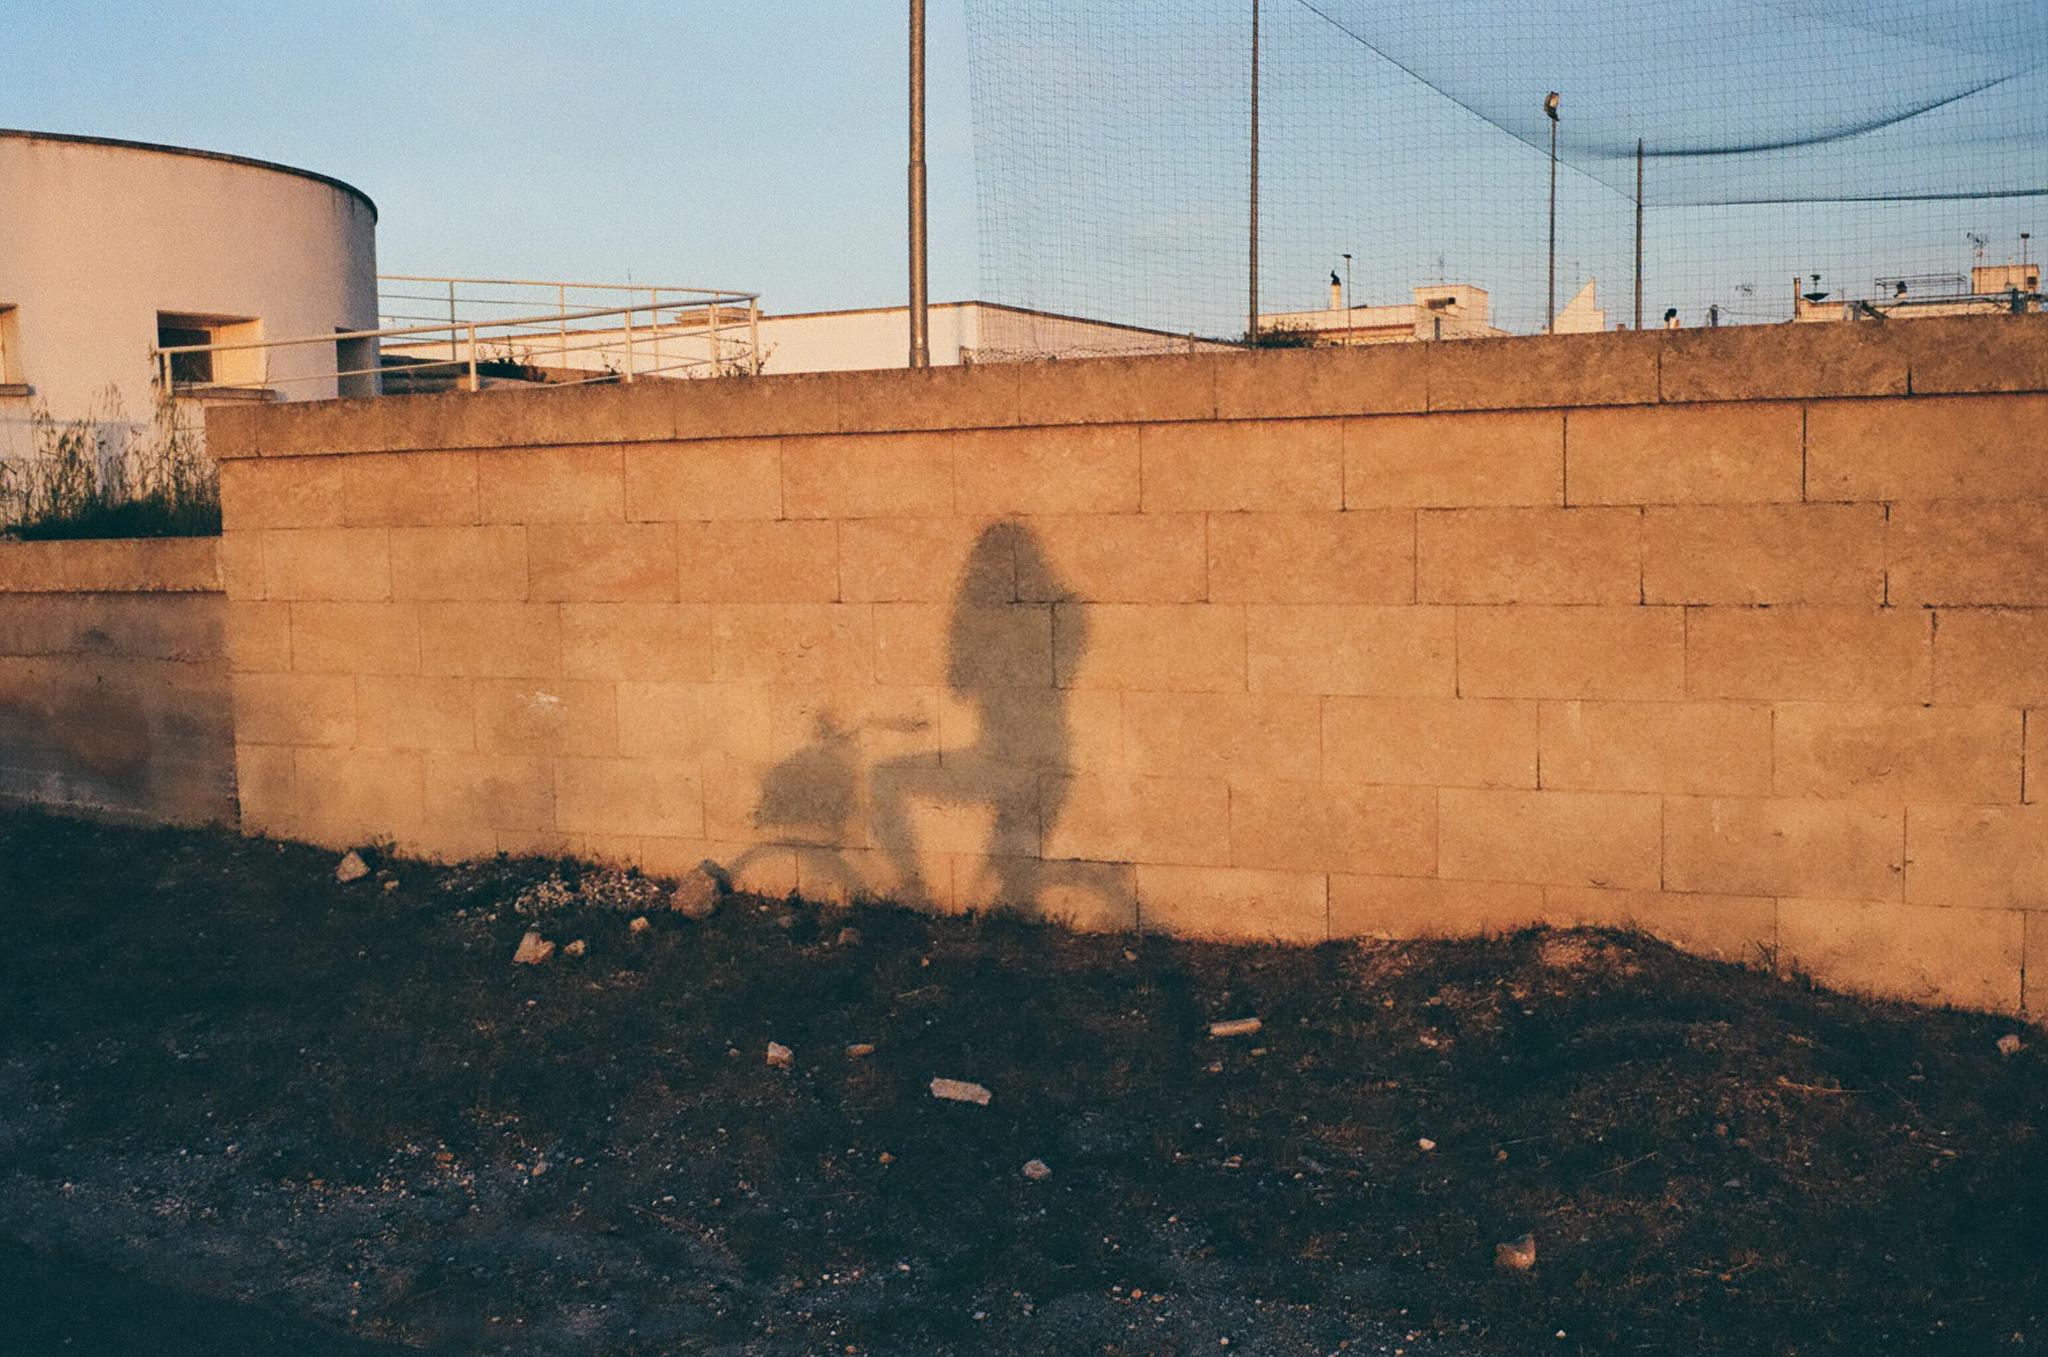 ylenia comi silhouette